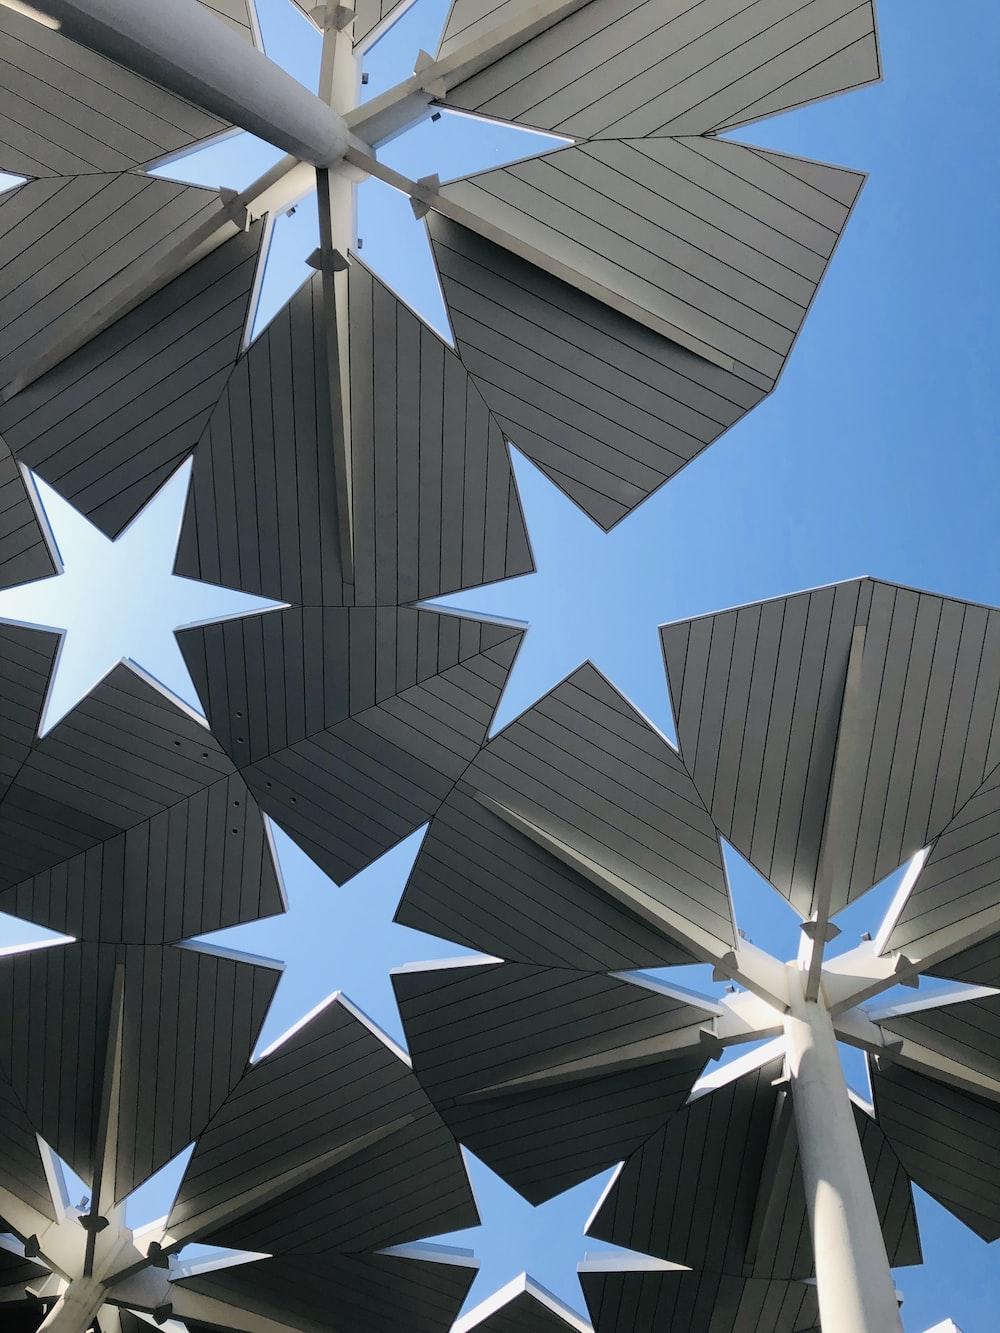 gray metal roof under blue skies